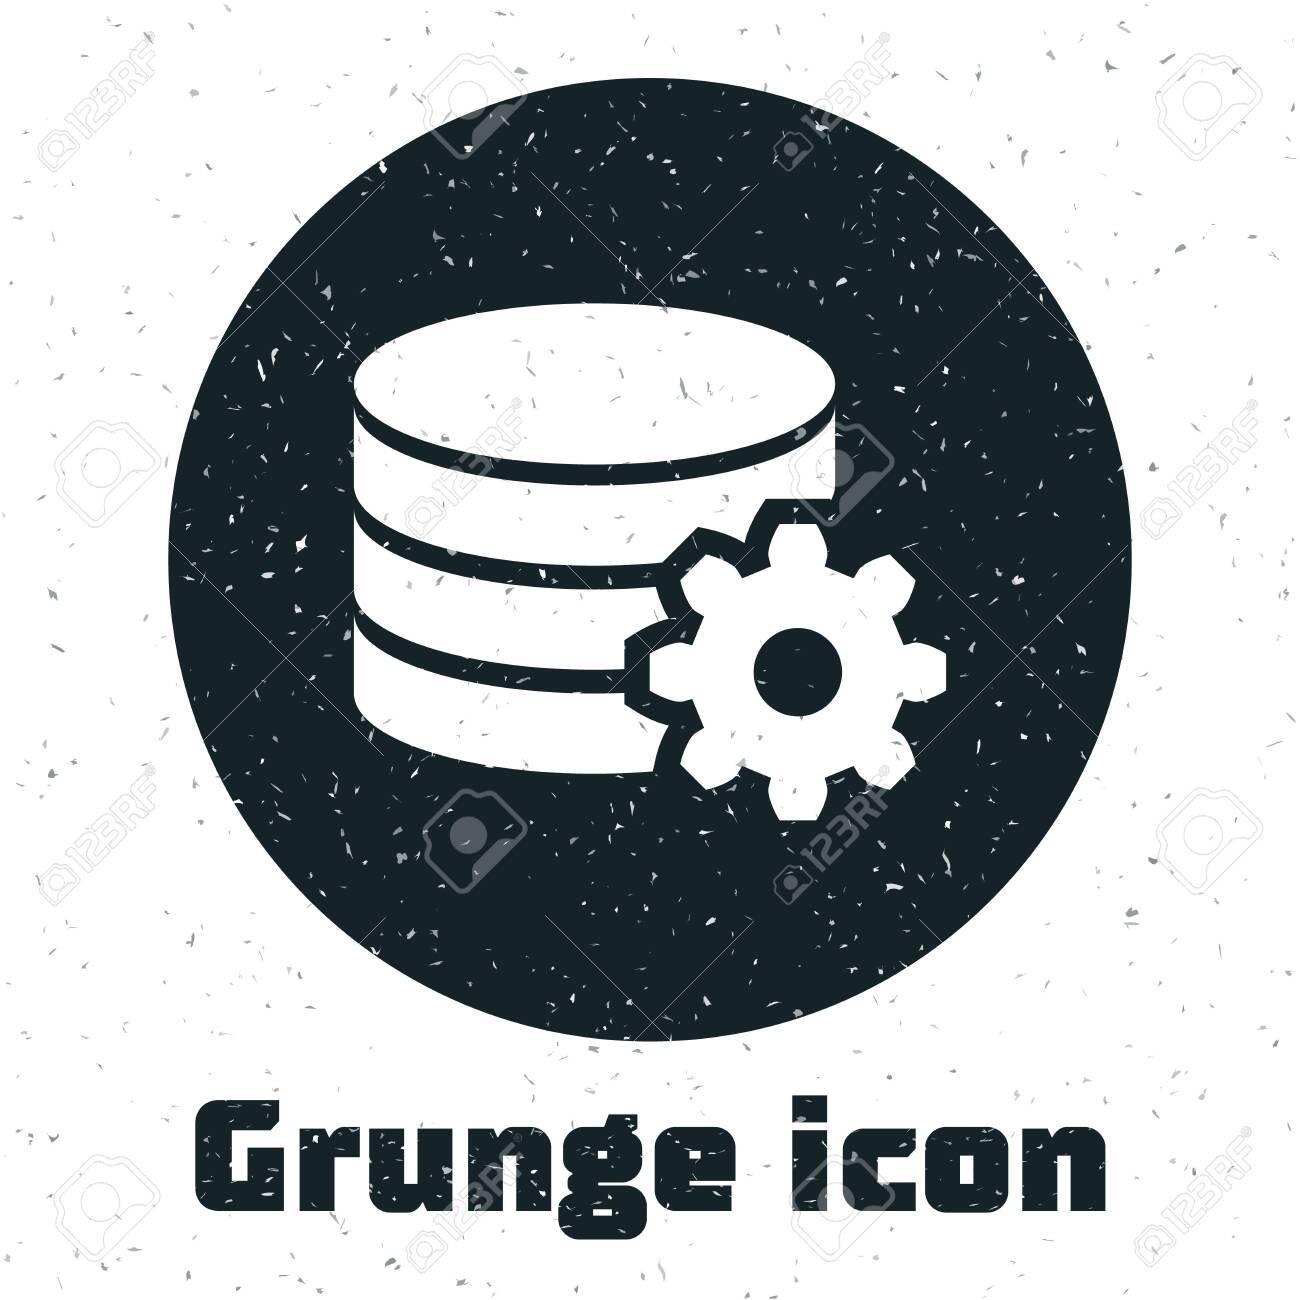 Grunge Setting database server icon isolated on white background